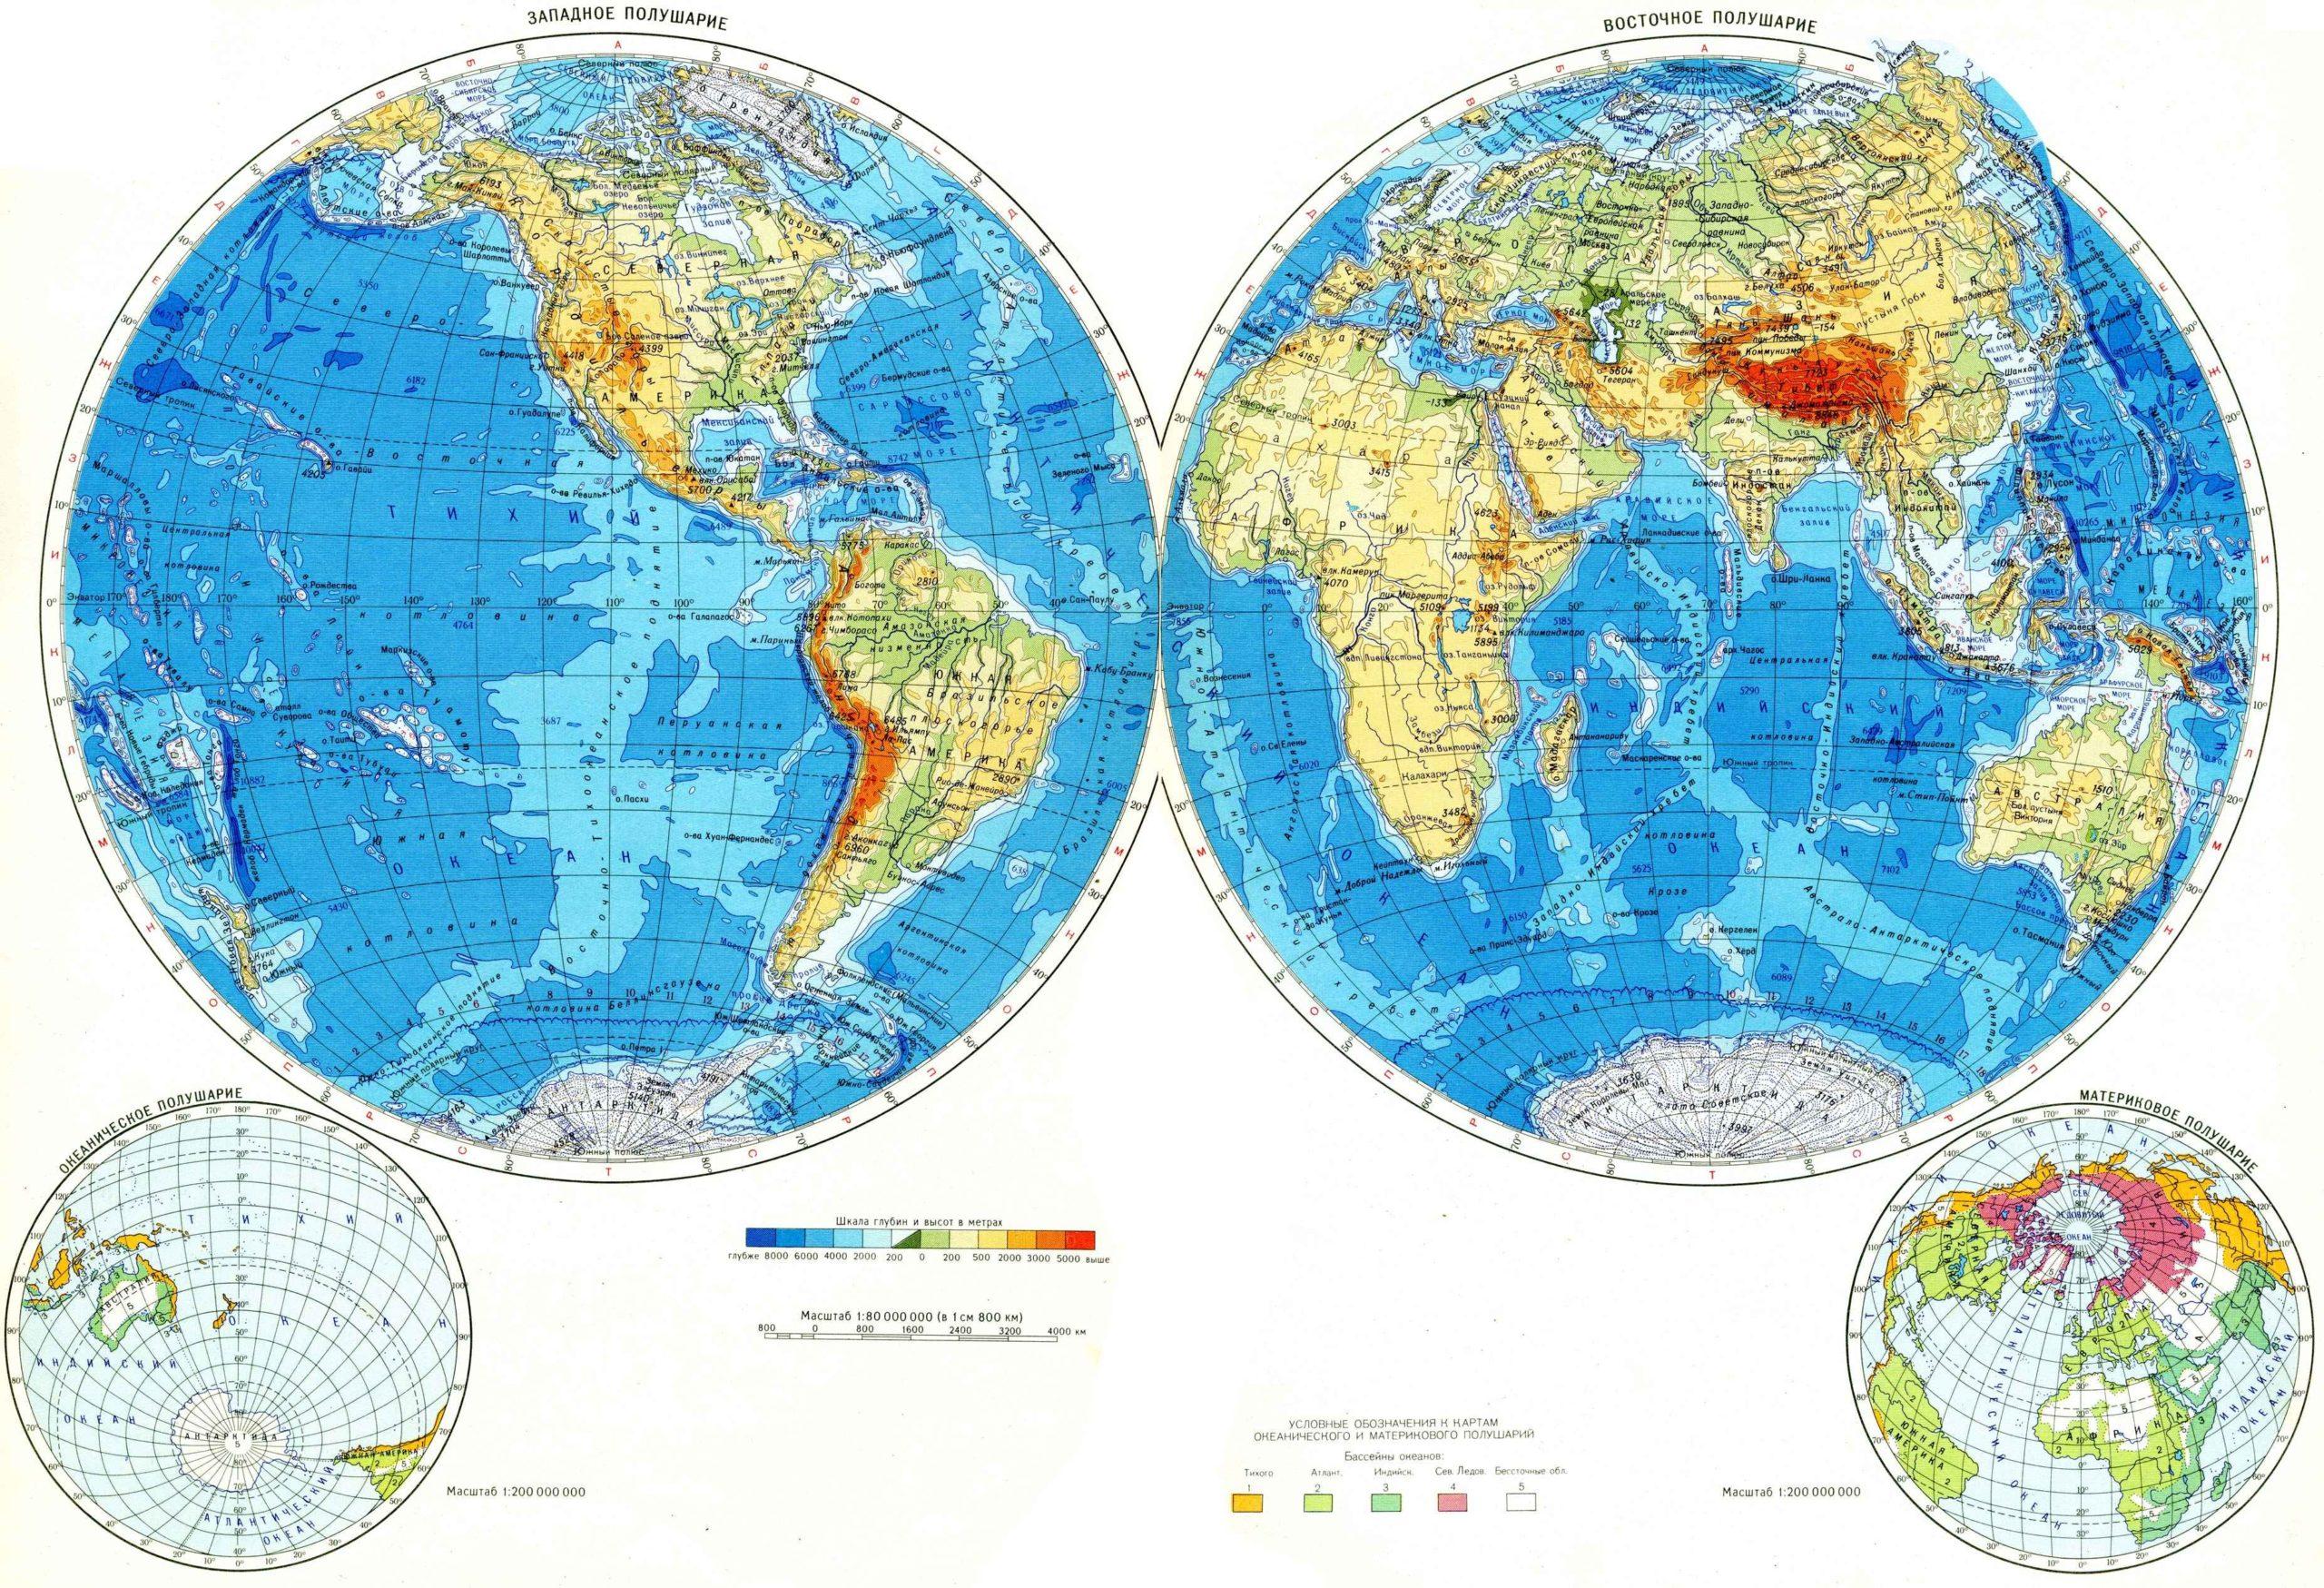 Географические карты Земли крупным планом на русском языке: физическая, политическая и контурная 3